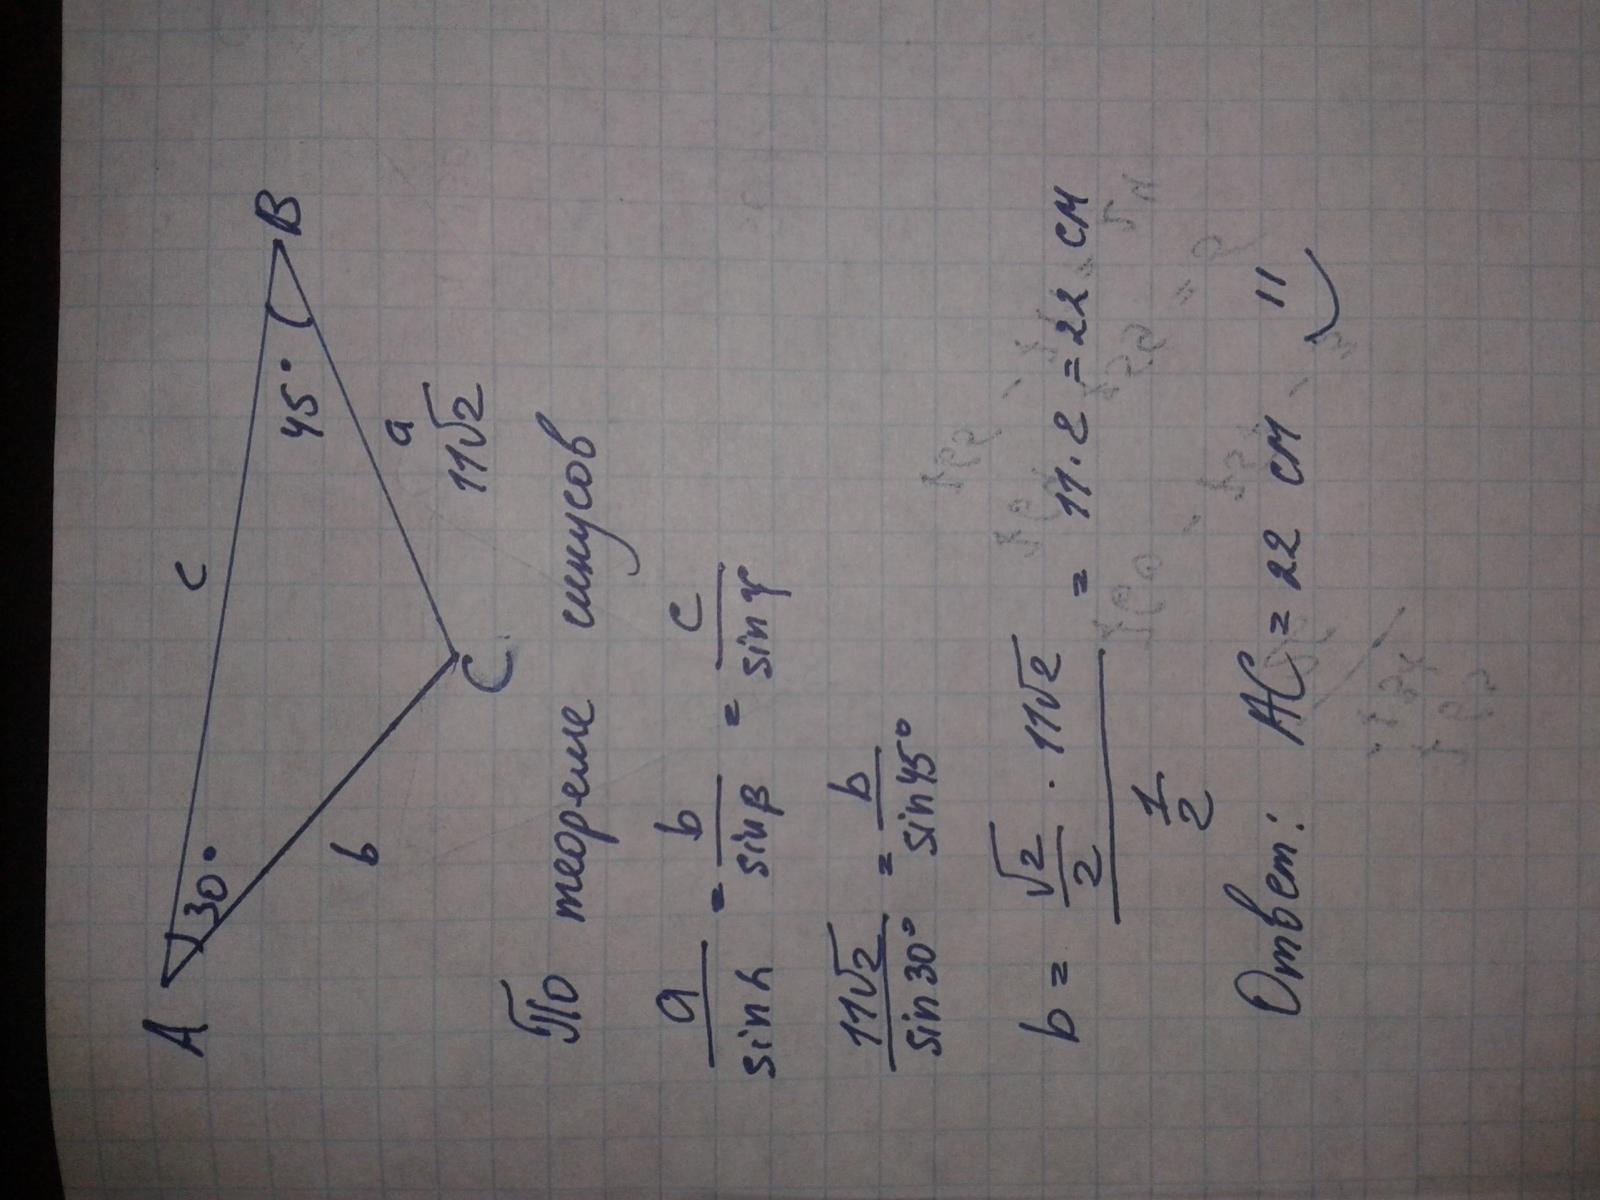 Вот там все просто по теореме синусов